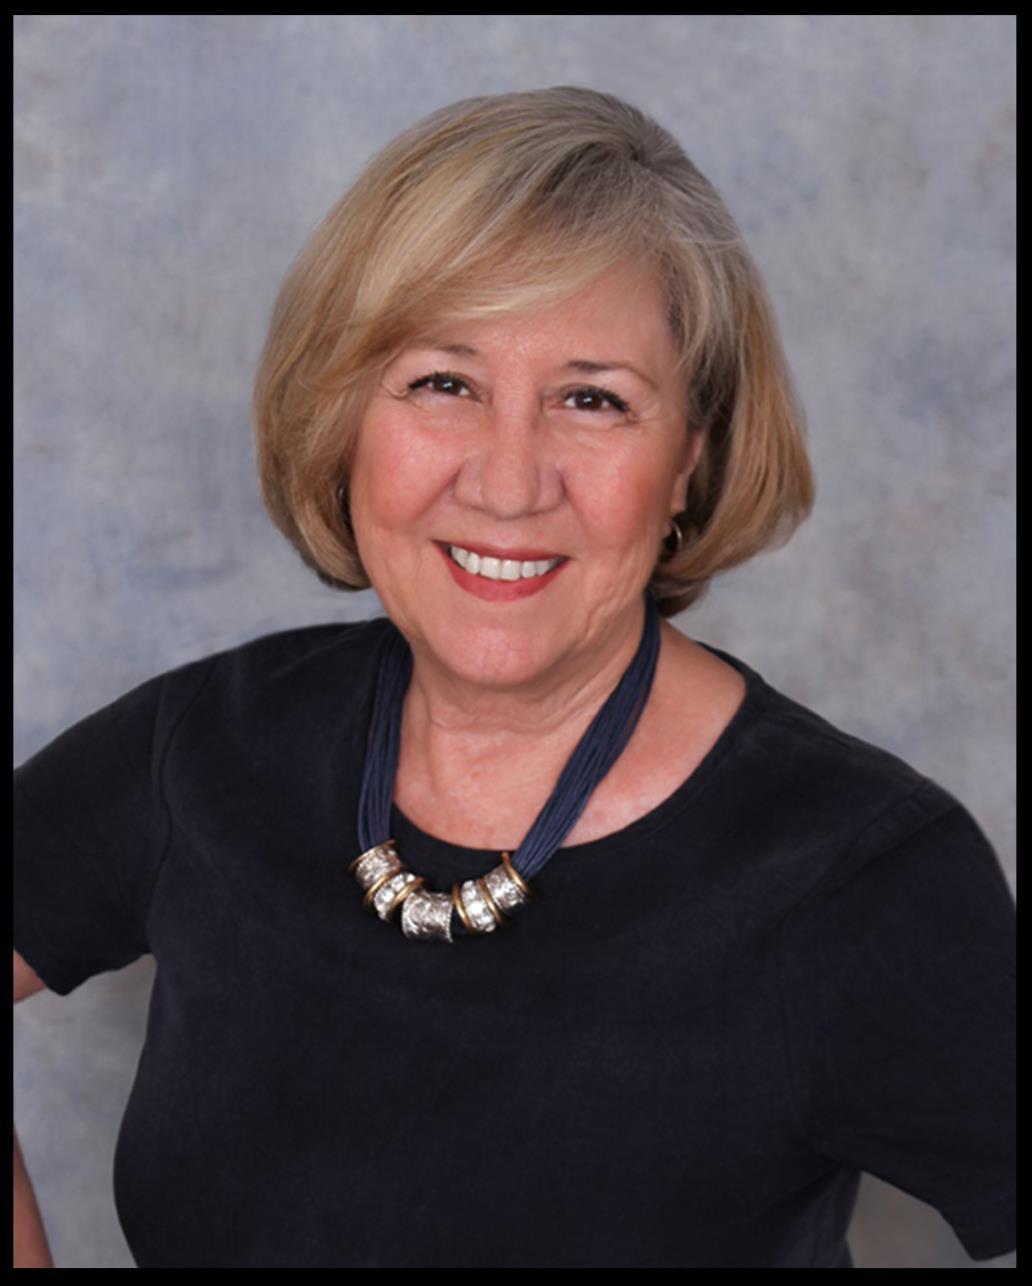 Linda Seaver, Treasurer